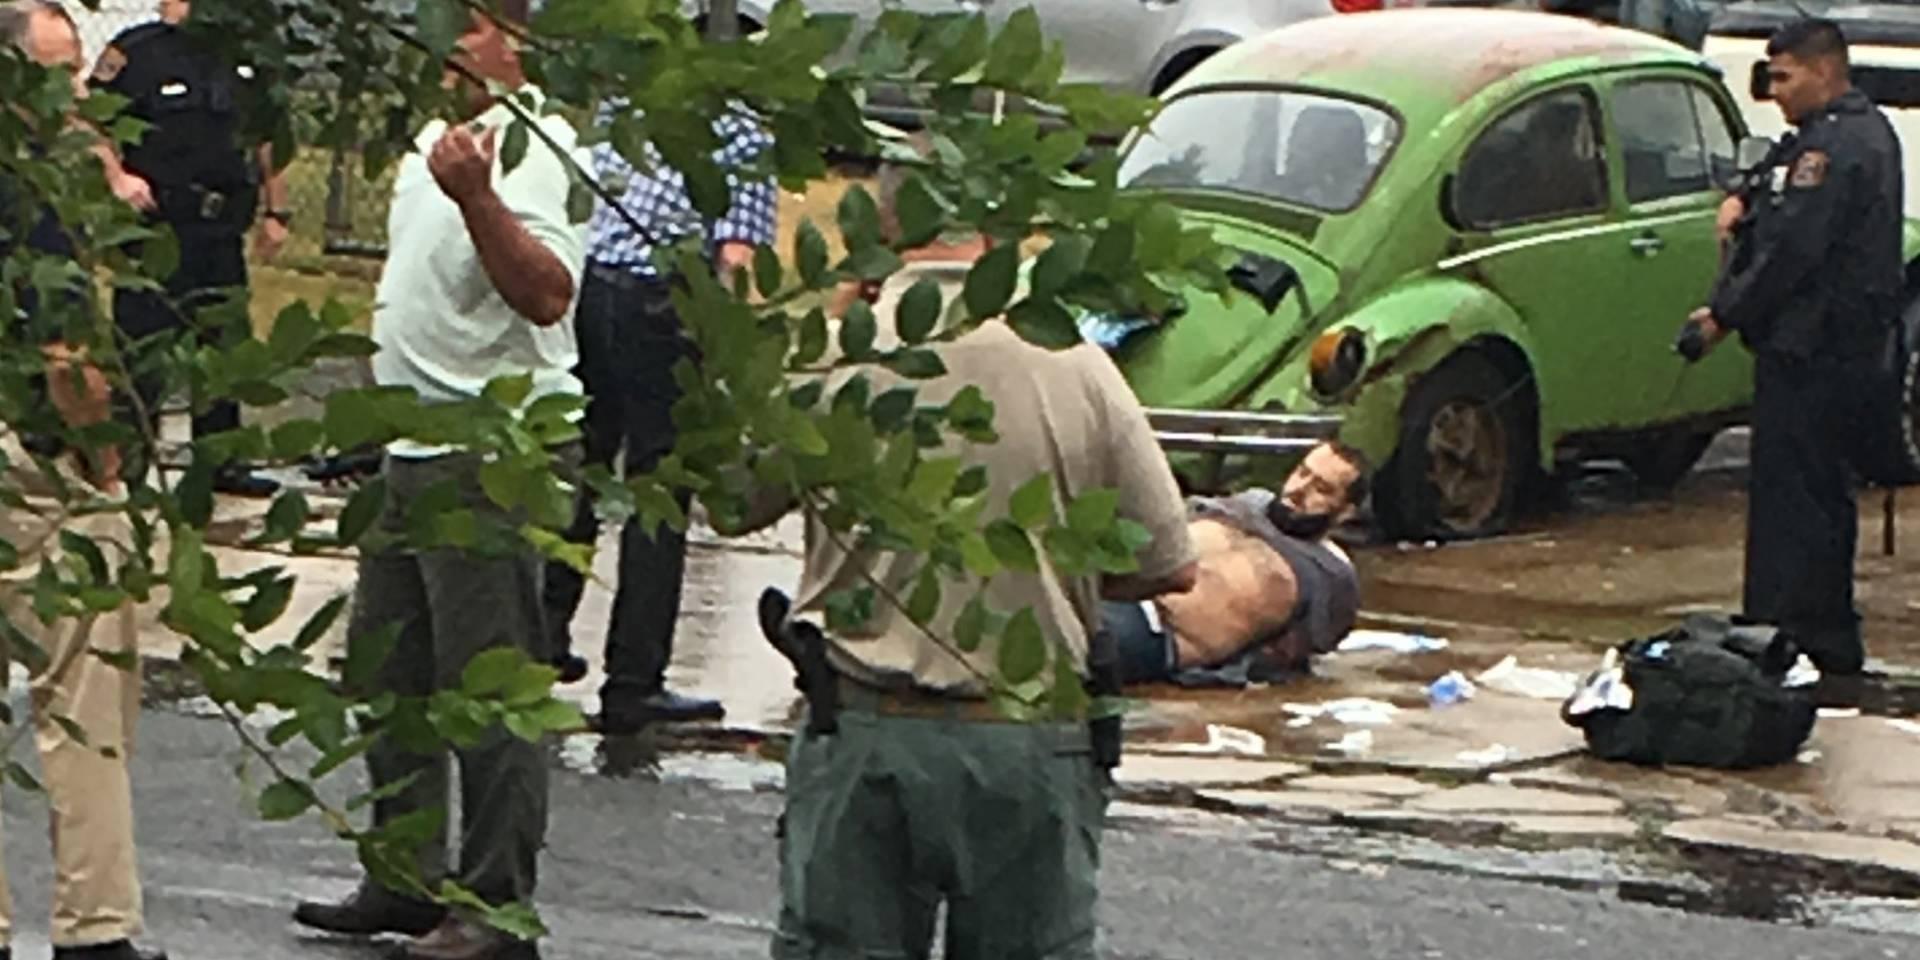 Ahmad Rahami/New York/Bombing